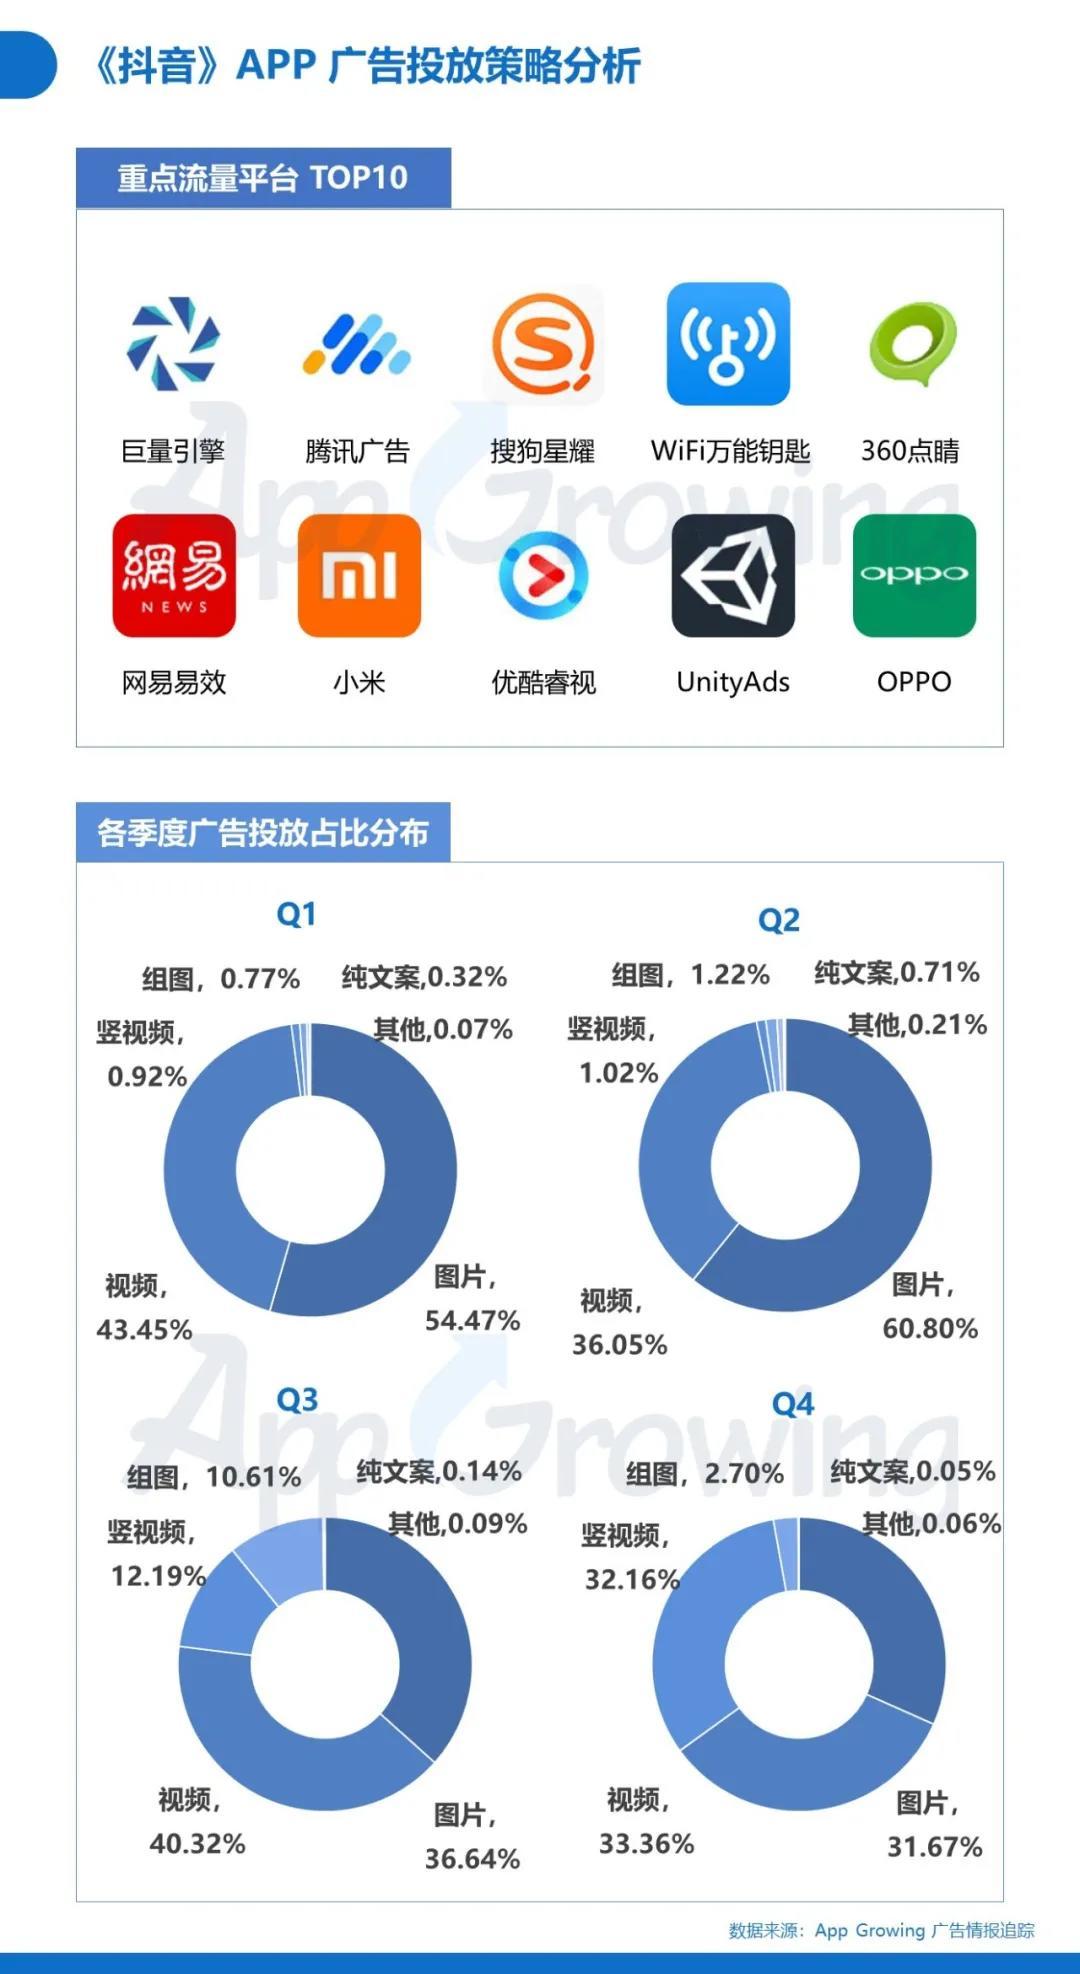 鸟哥笔记,行业动态,App Growing,广告投放,广告投放,行业动态